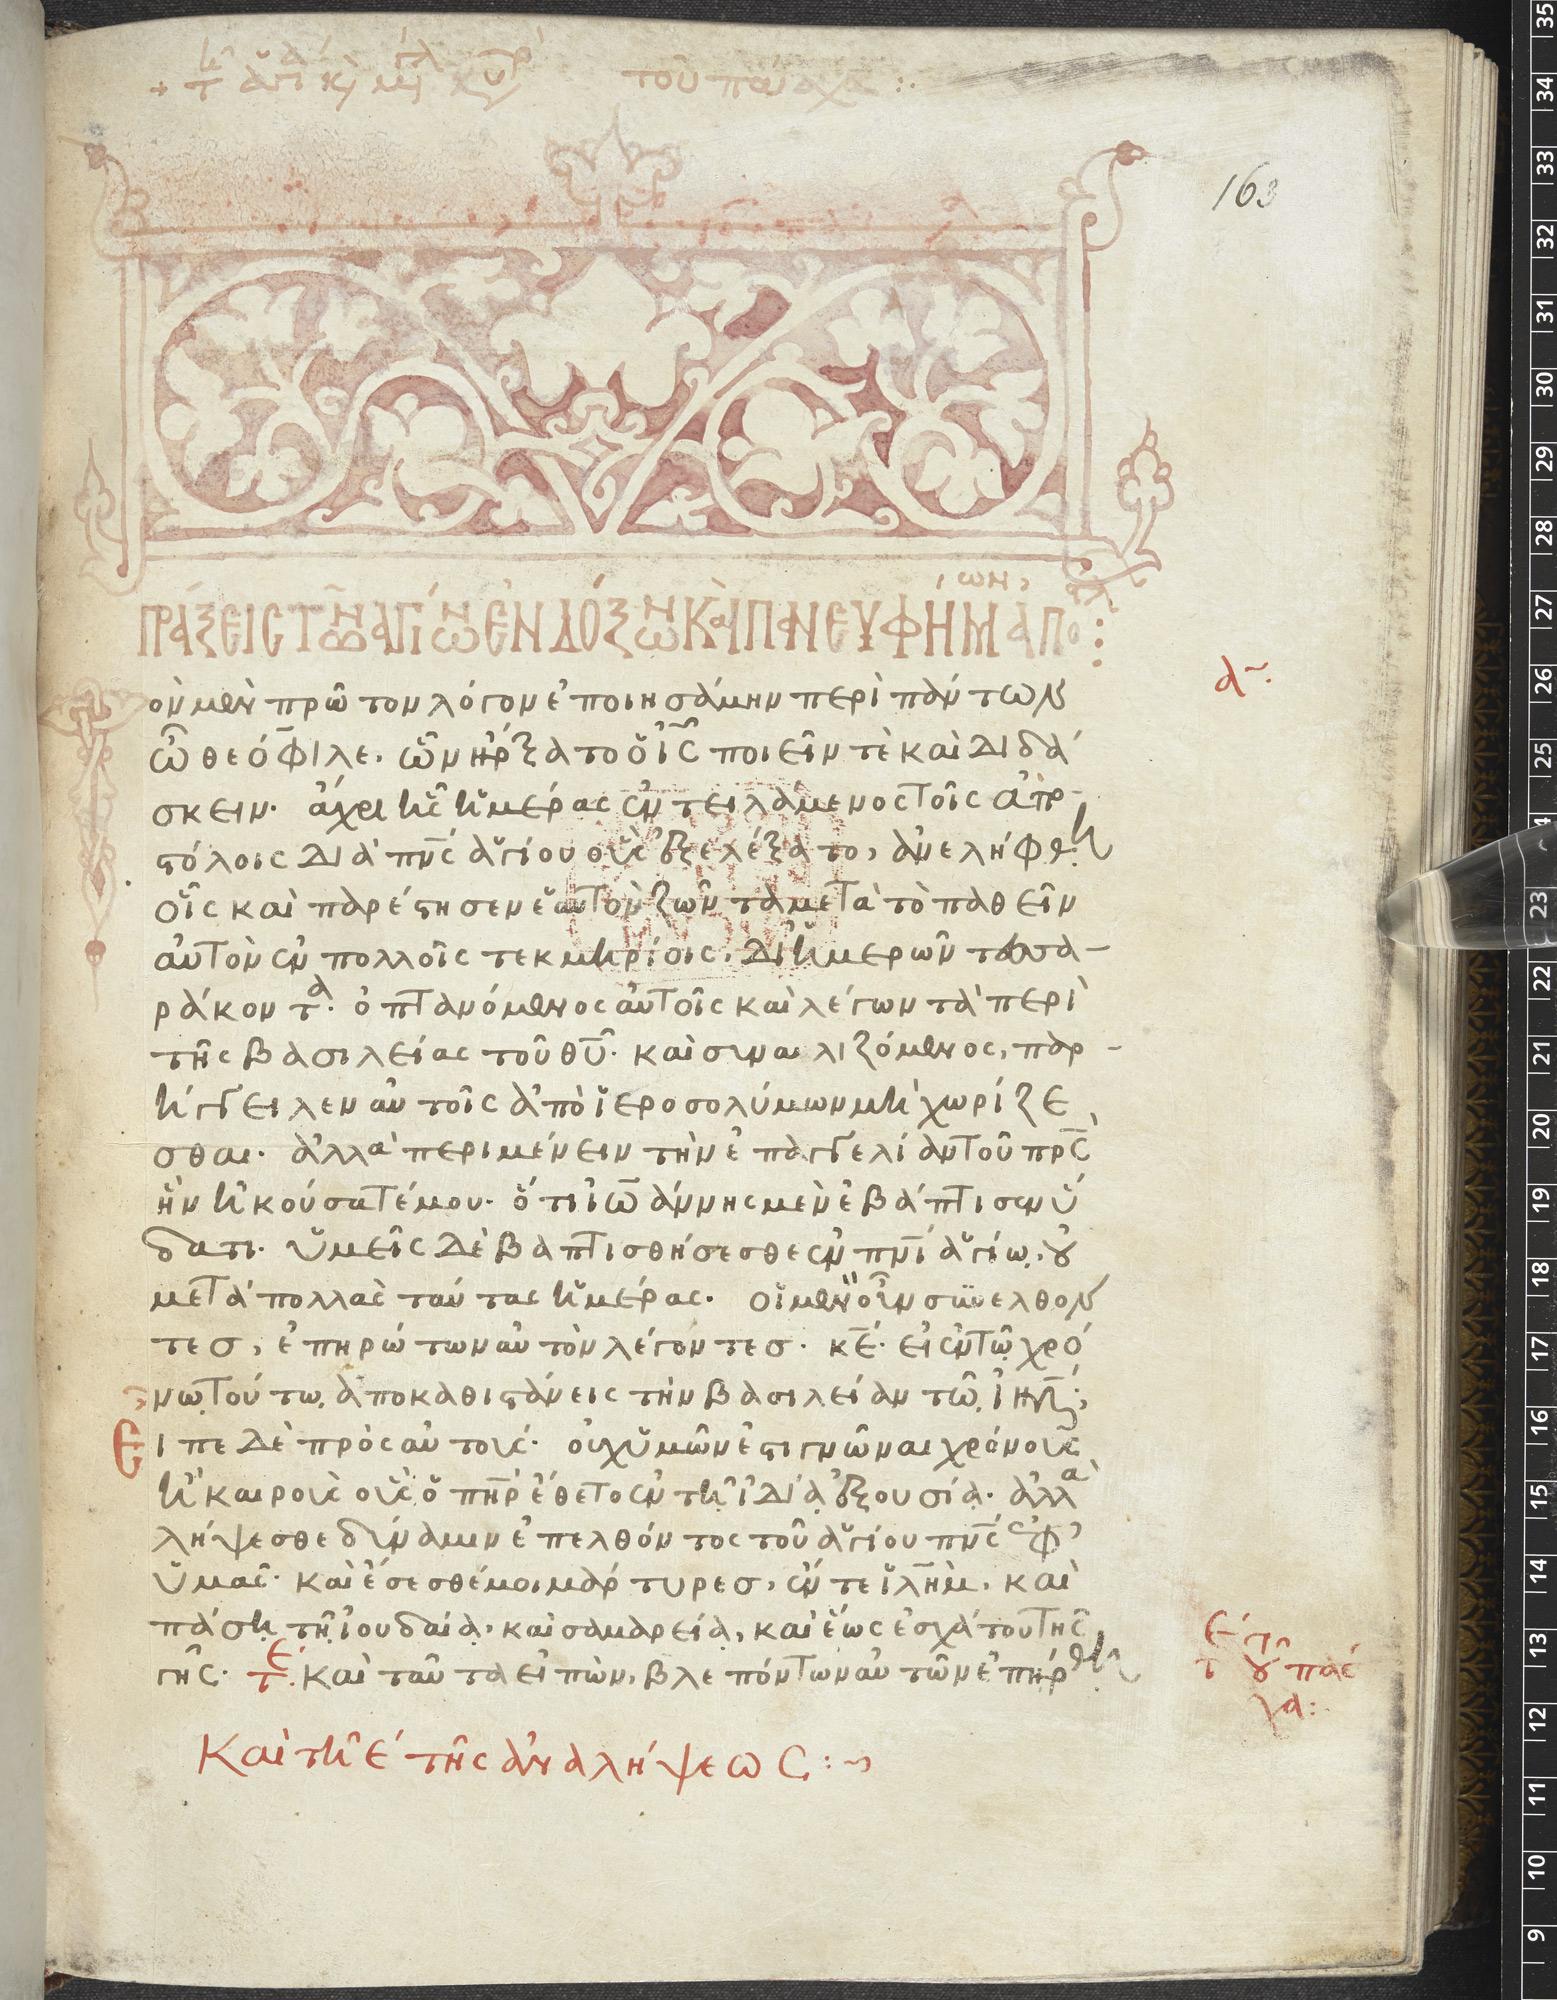 A 14th-century Greek New Testament Harley (MS 5796 f163r)